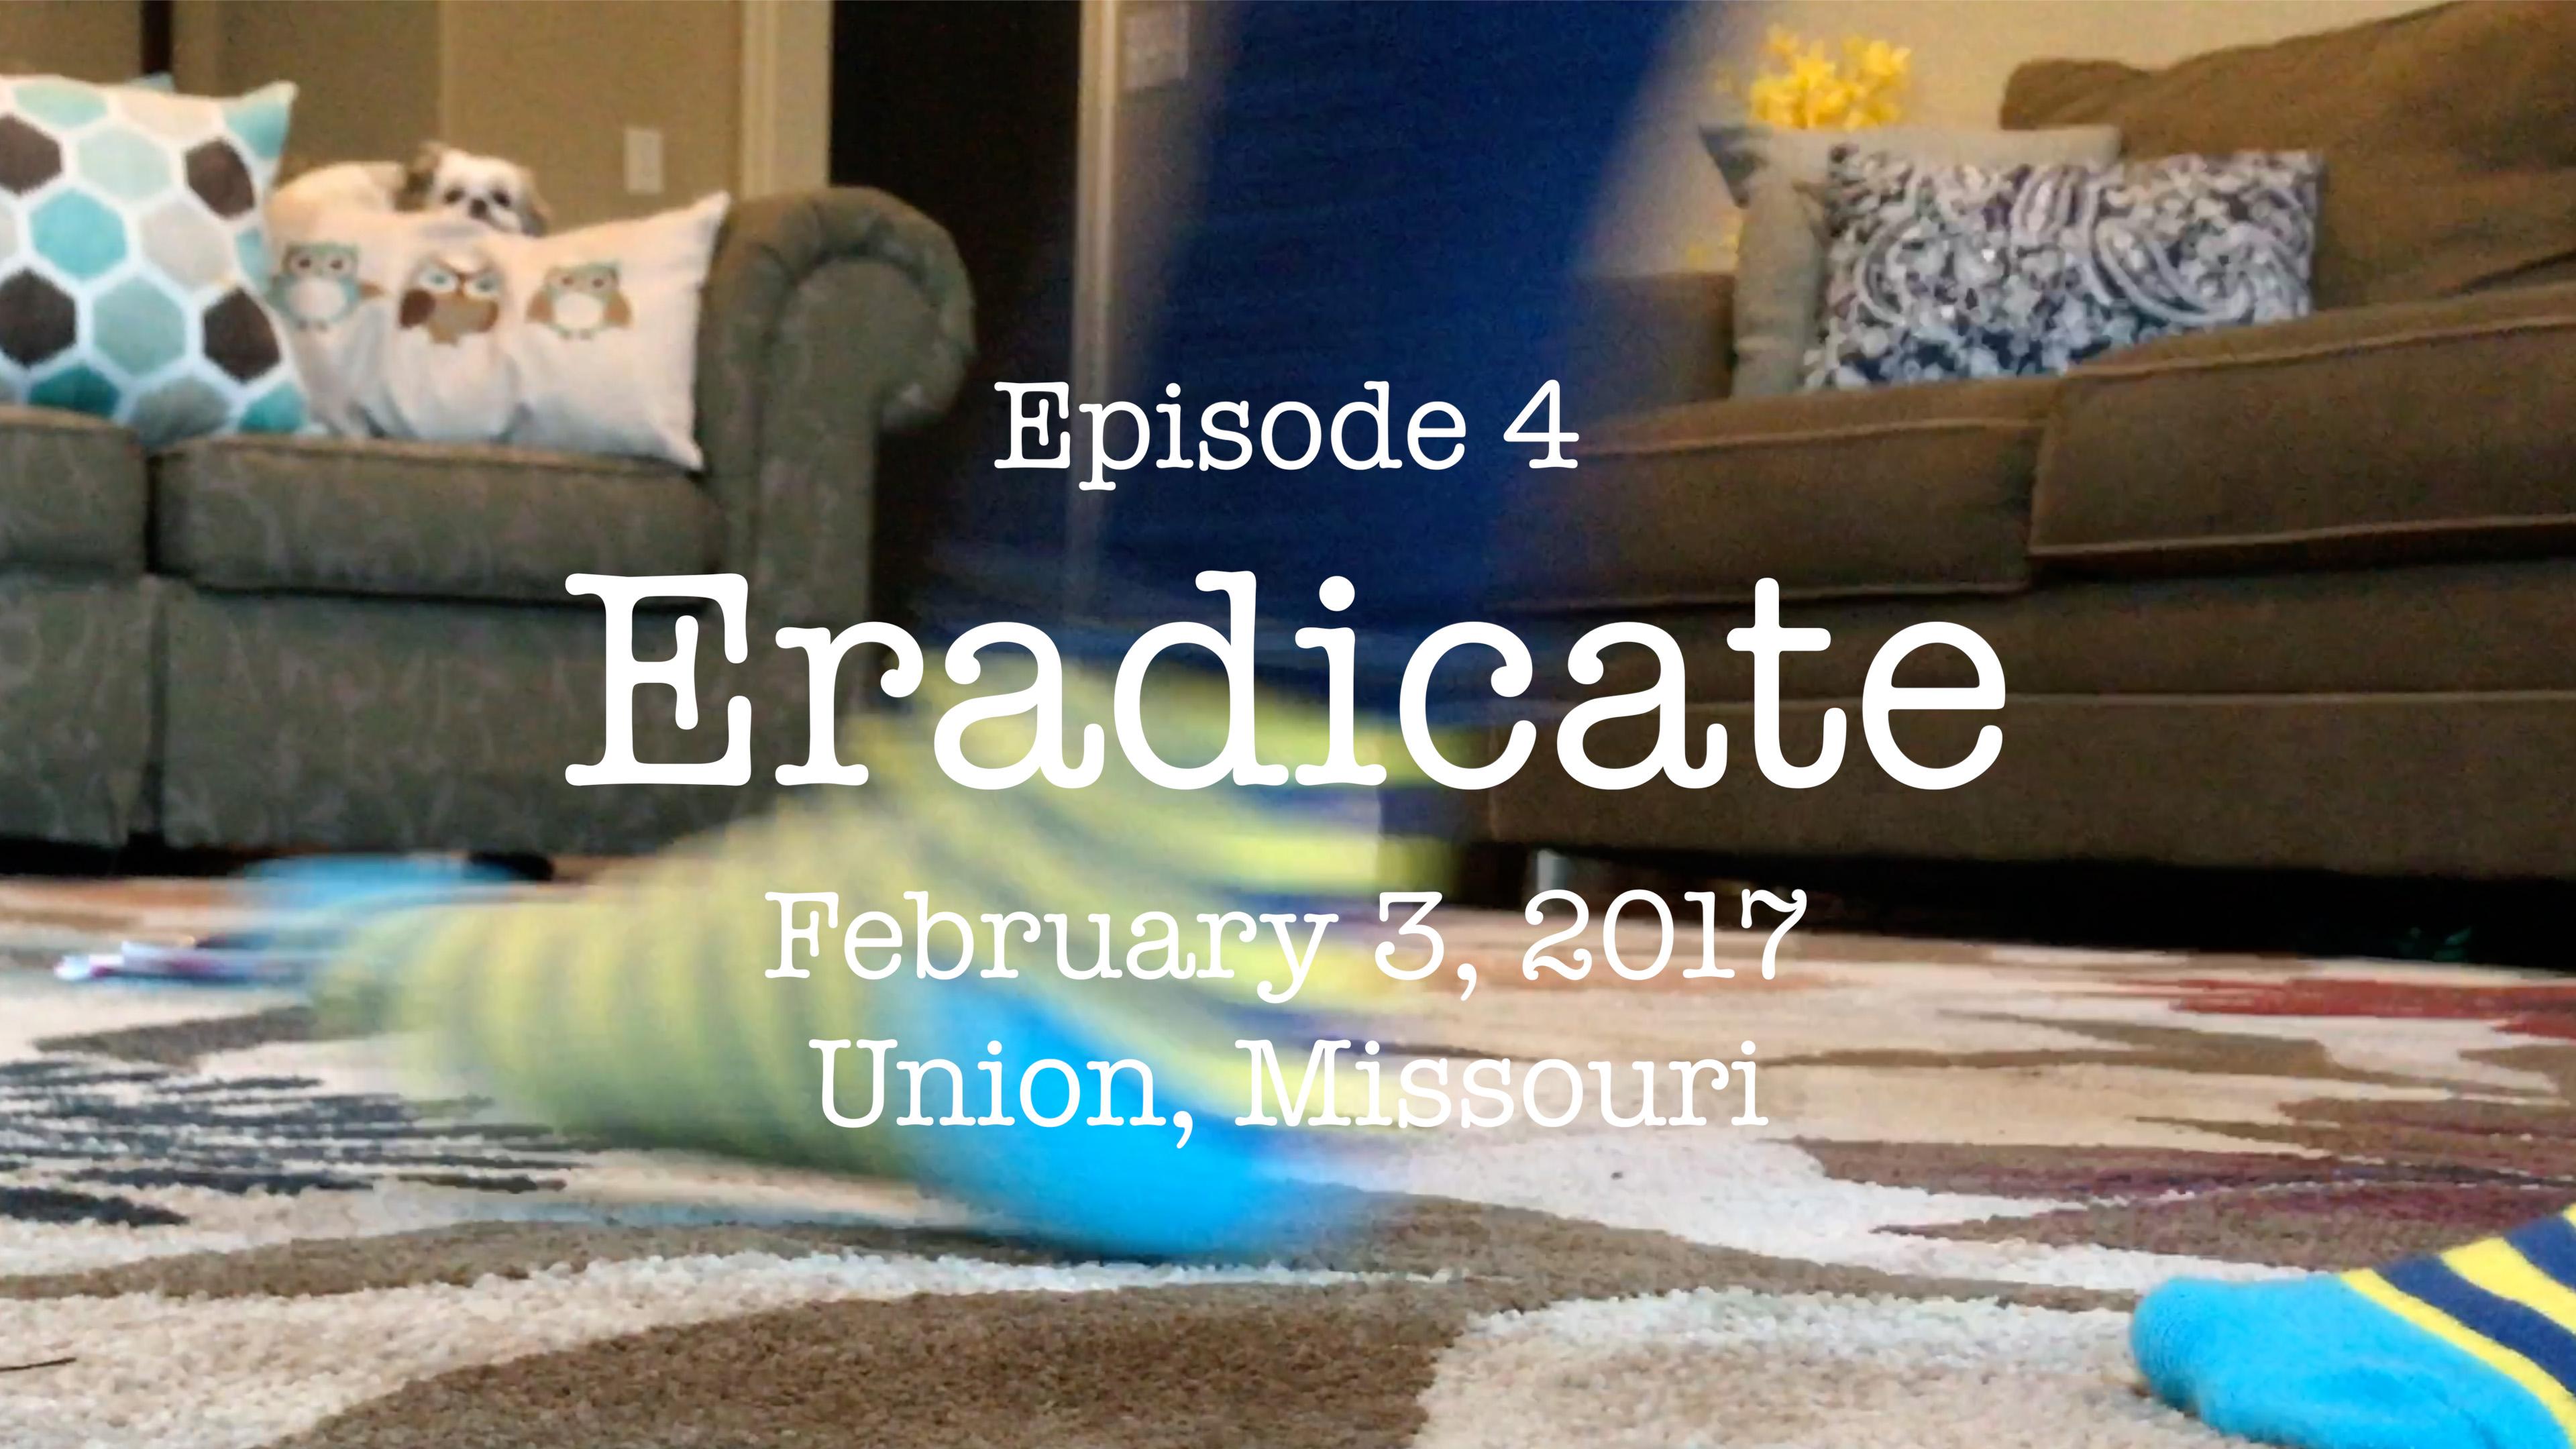 Vlog Episode 4: Eradicate